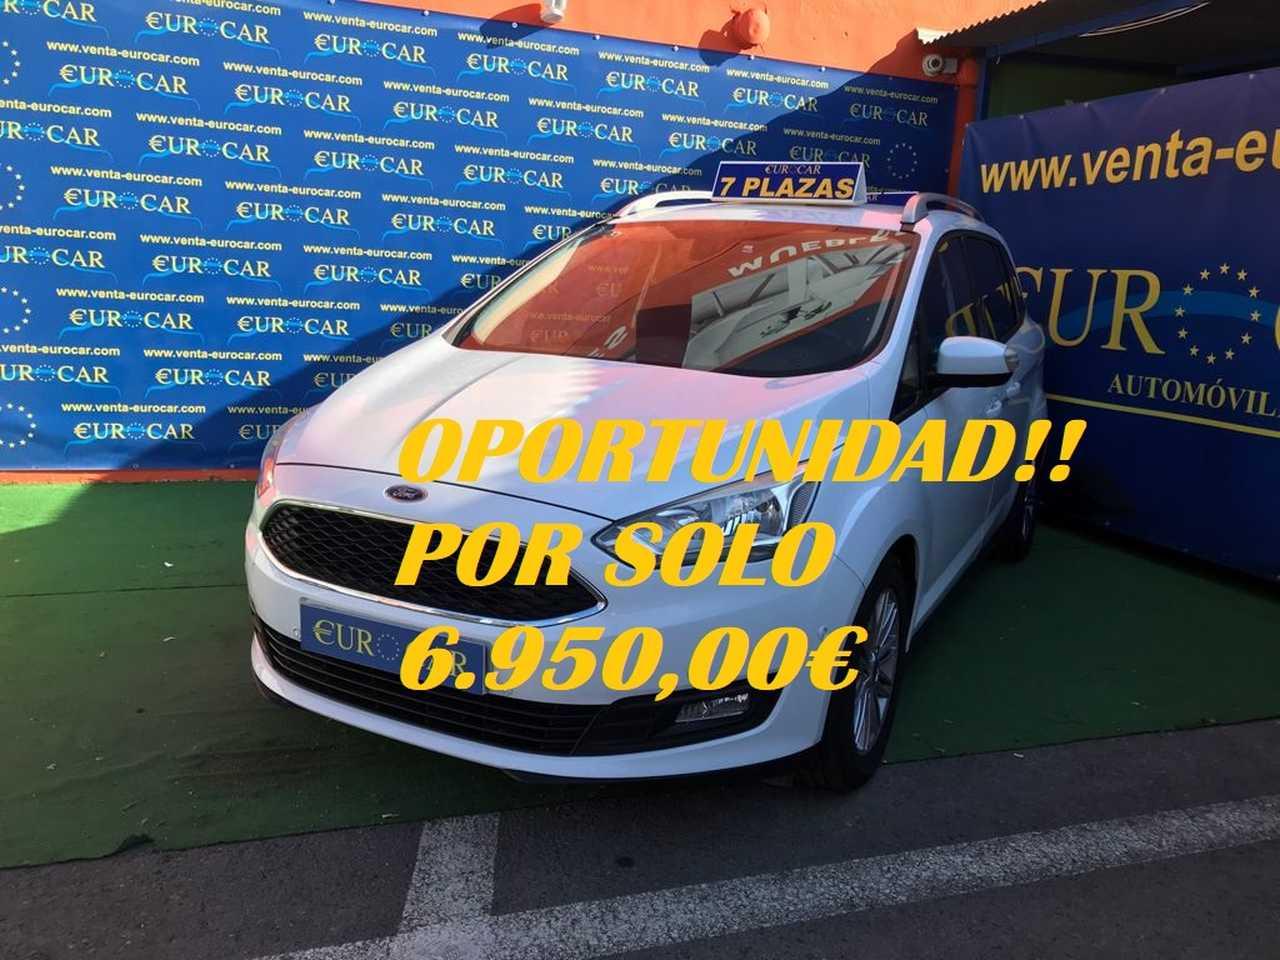 Ford Grand C-MAX ocasión segunda mano 2015 Diésel por 6.950€ en Alicante